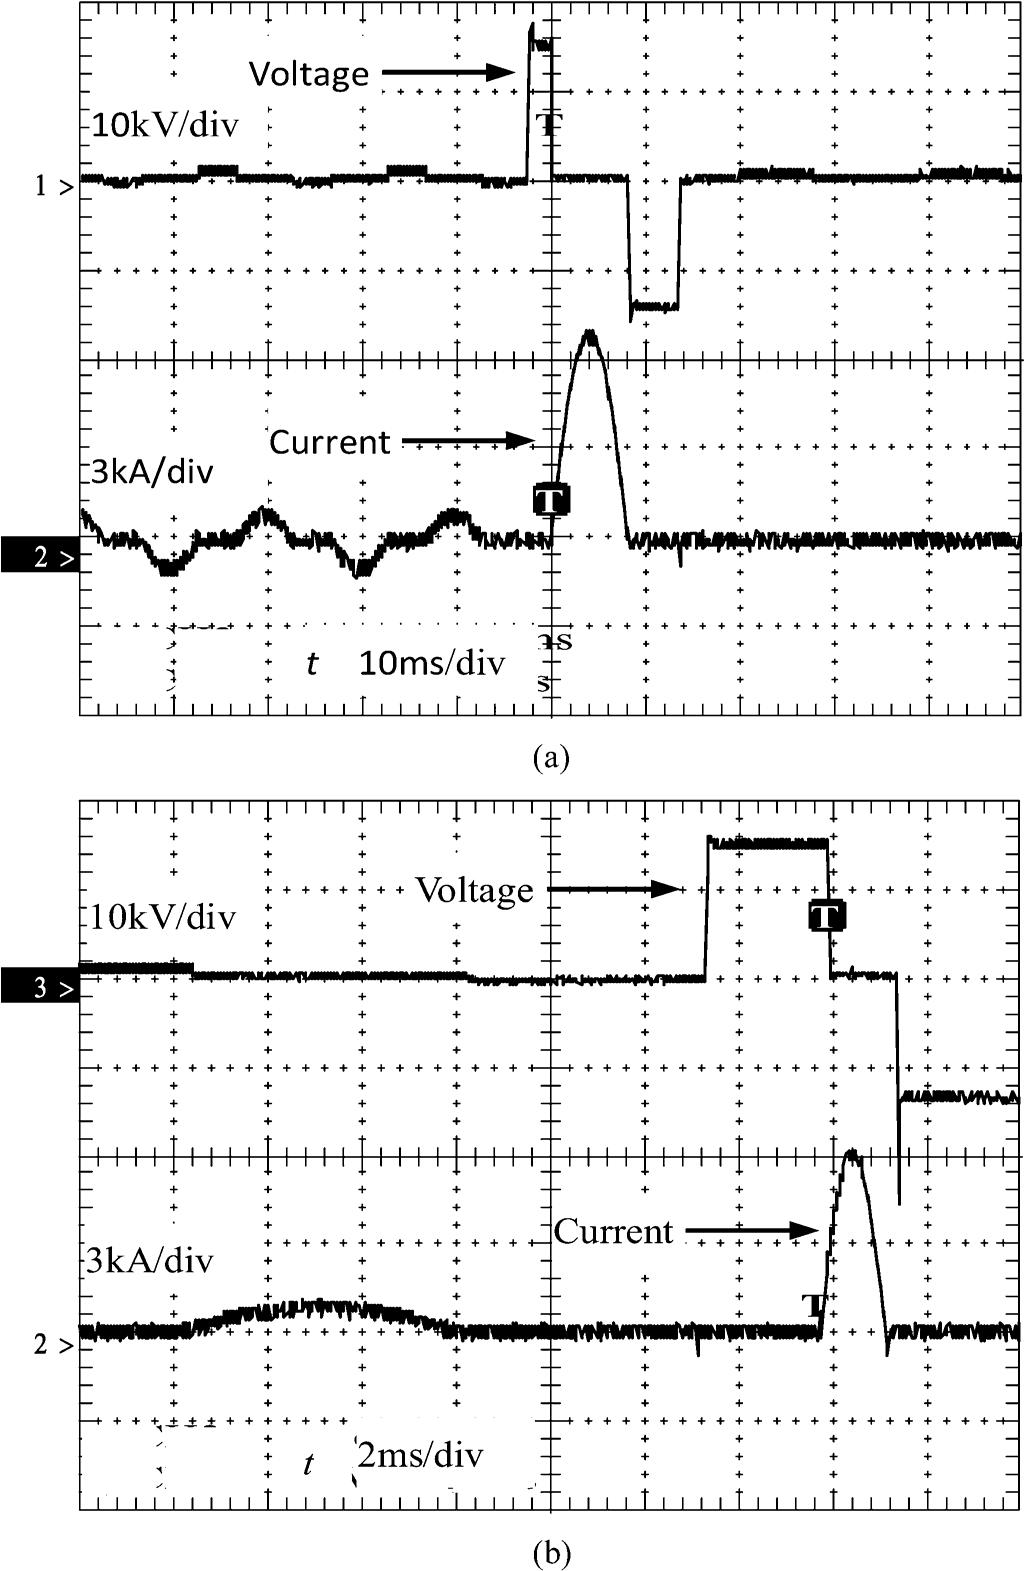 شکل10. شکلموجهای تست جریان و ولتاژ با مسدودکردن دریچه تریستور